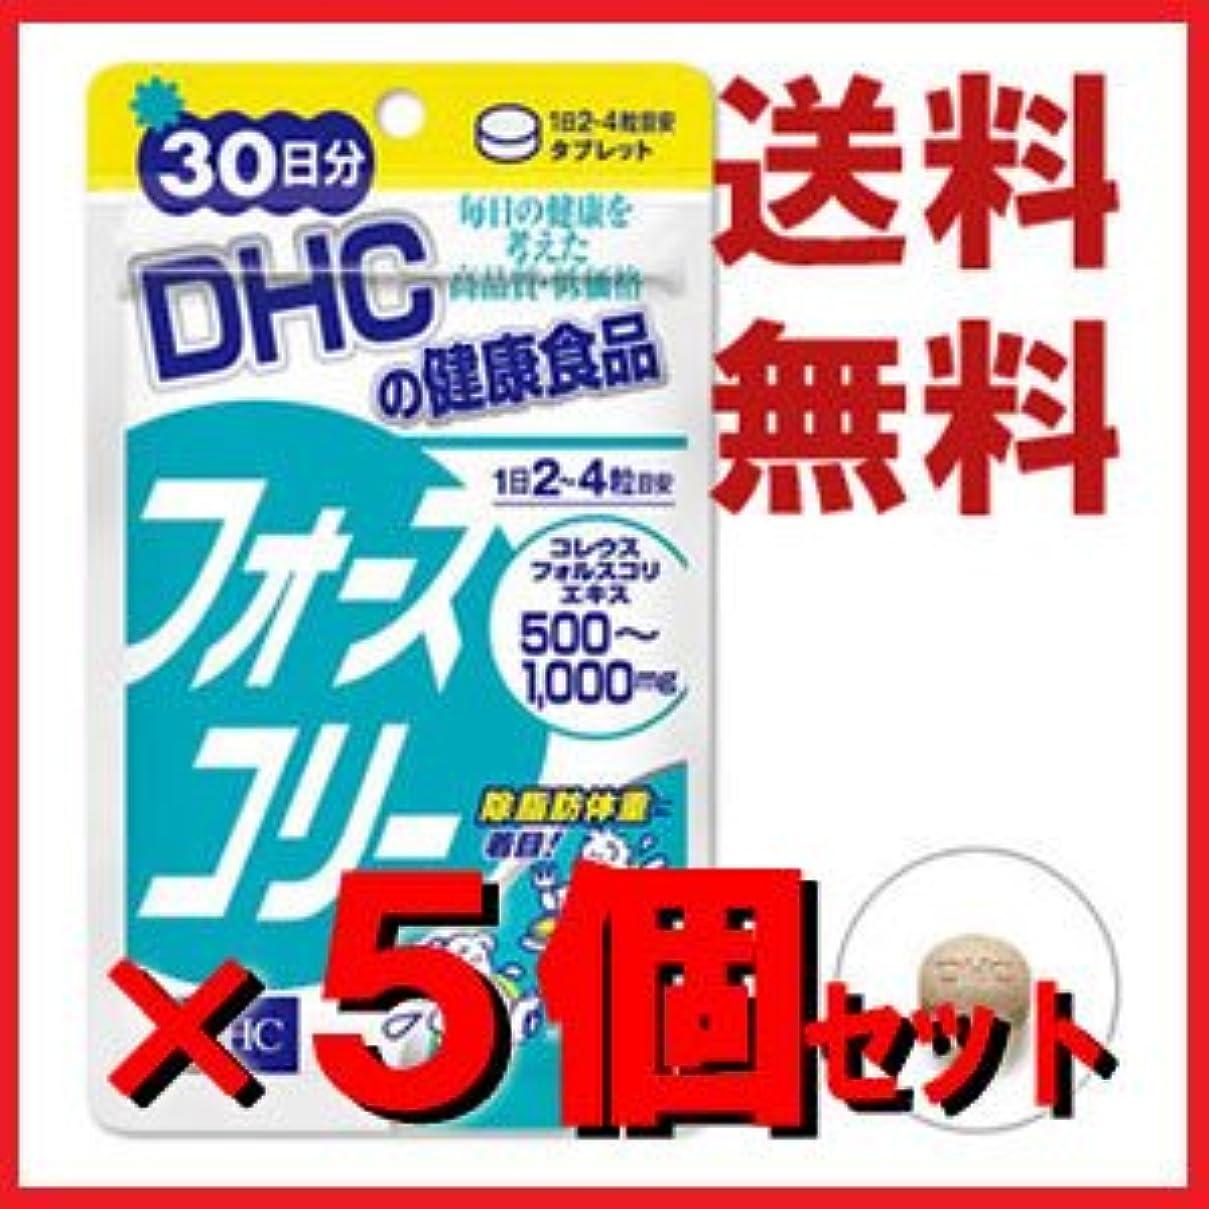 有効コジオスコ上昇DHC フォースコリー 30日分 120粒 ×5個セット